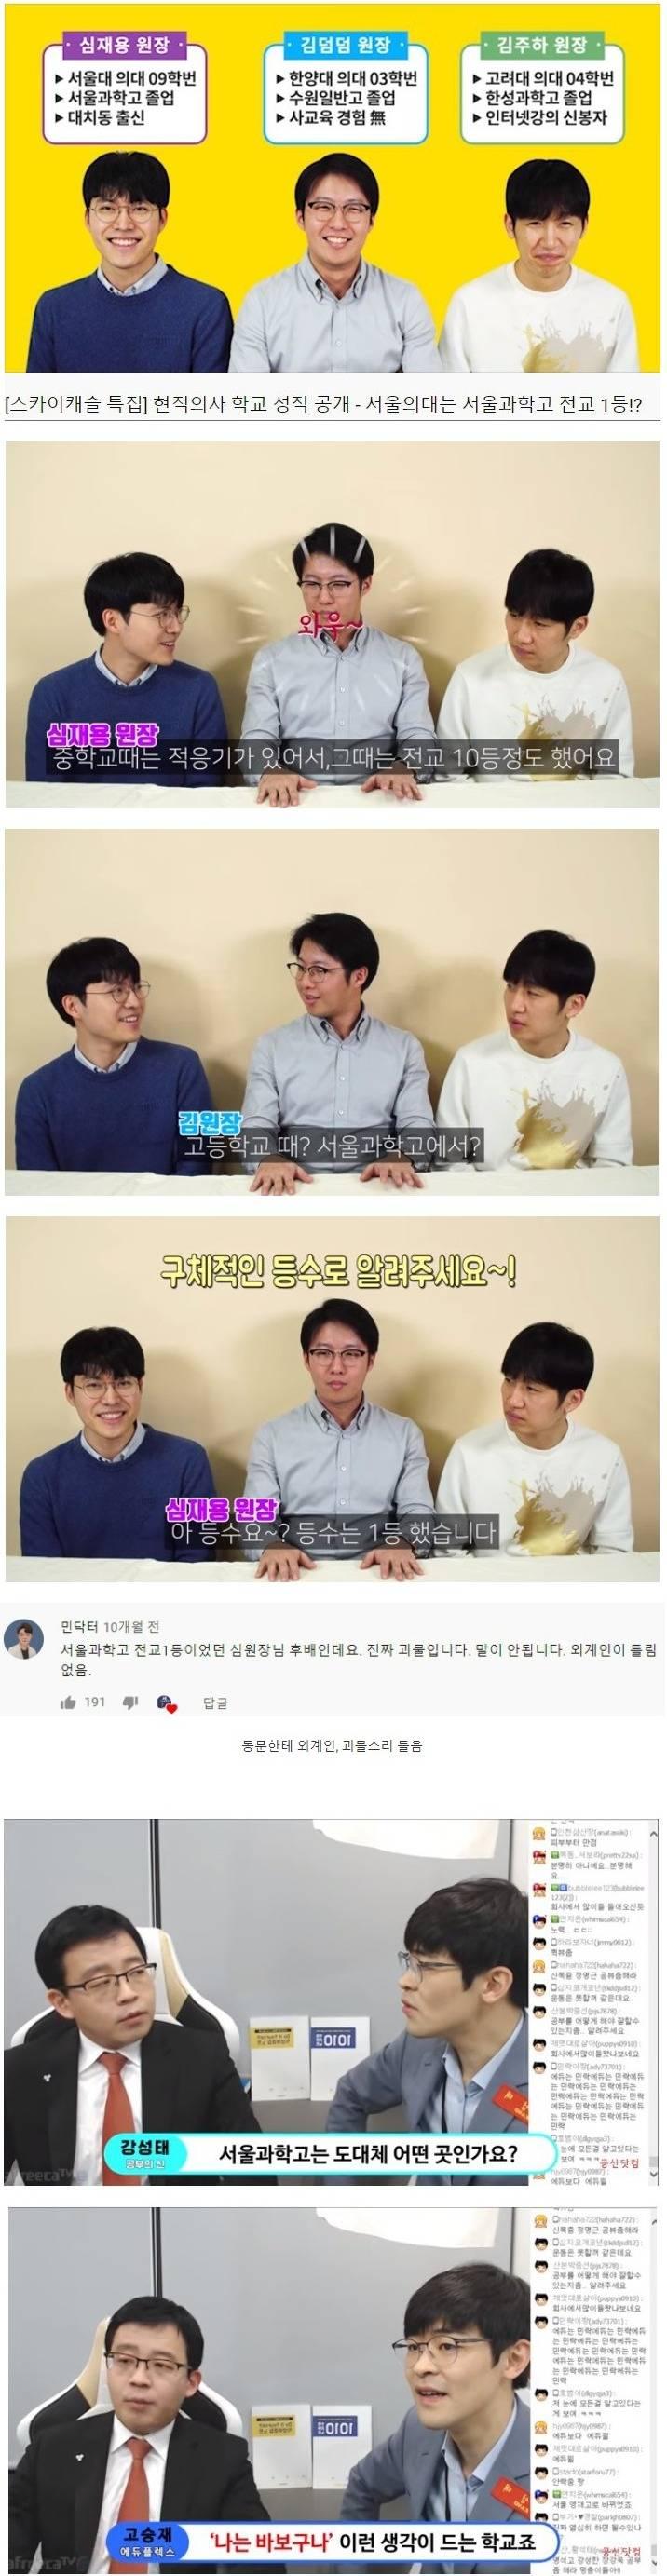 서울과학고에서 전교 1등 했을 때 나오는 반응